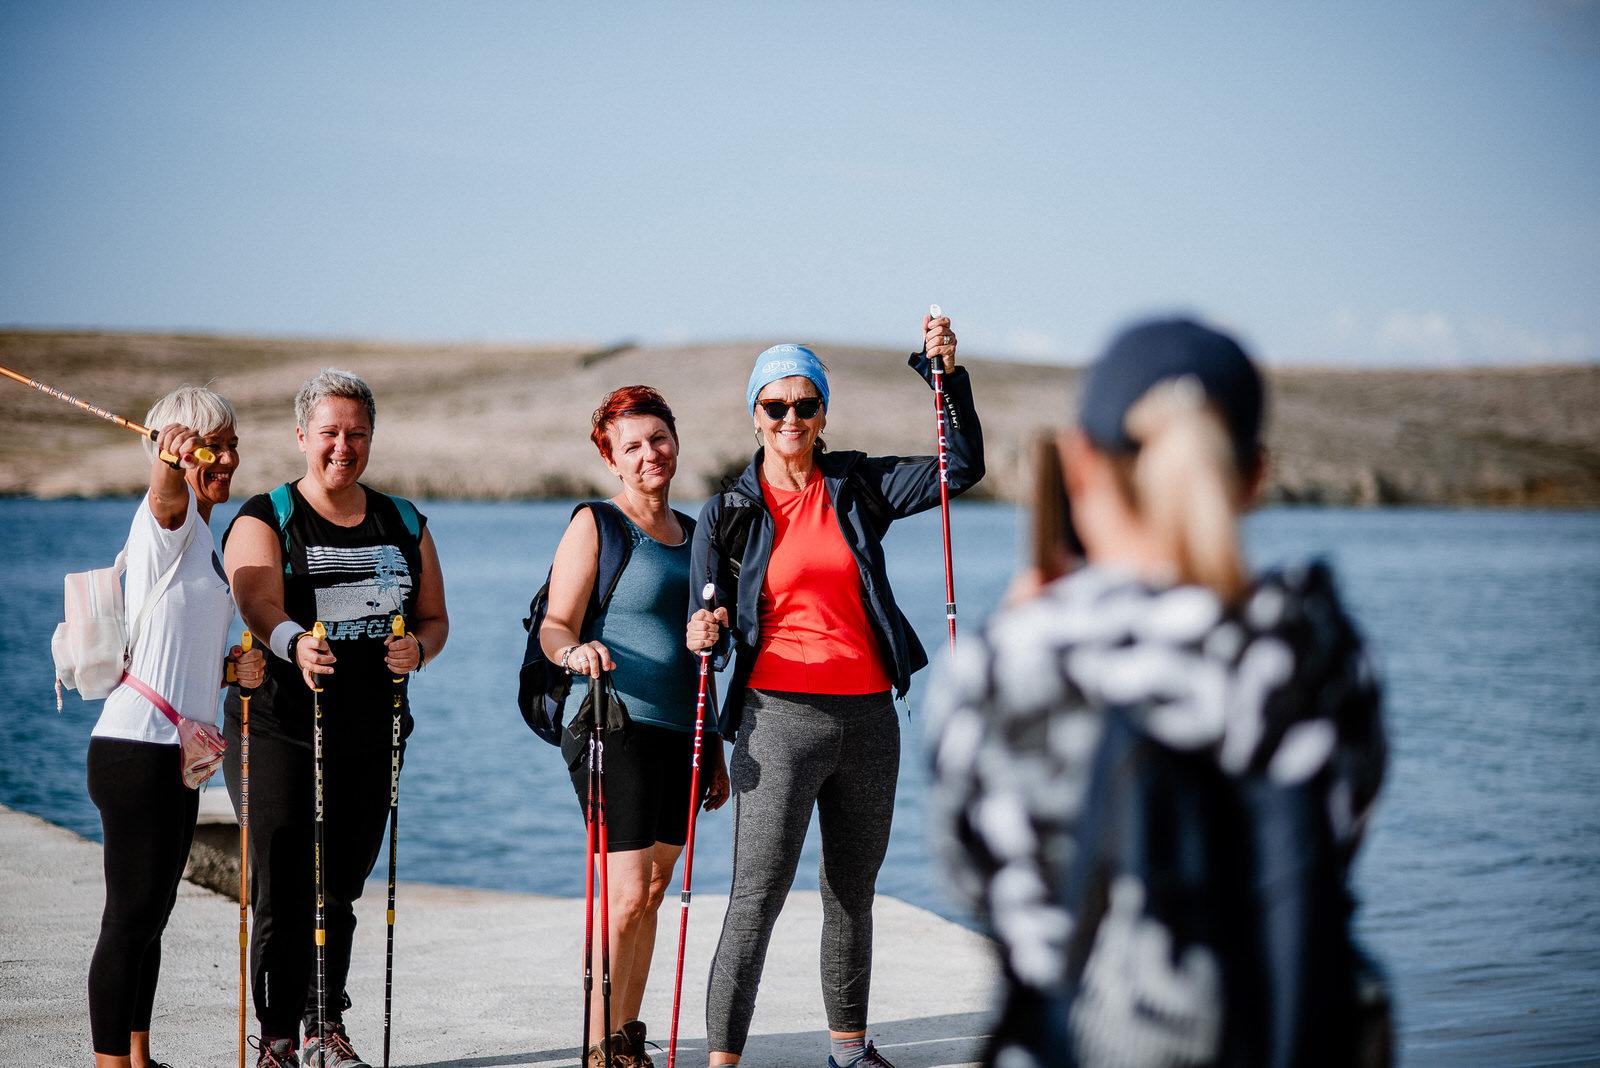 likaclub_nordijsko-hodanje-mjesečevim-otokom_pag-2019-11